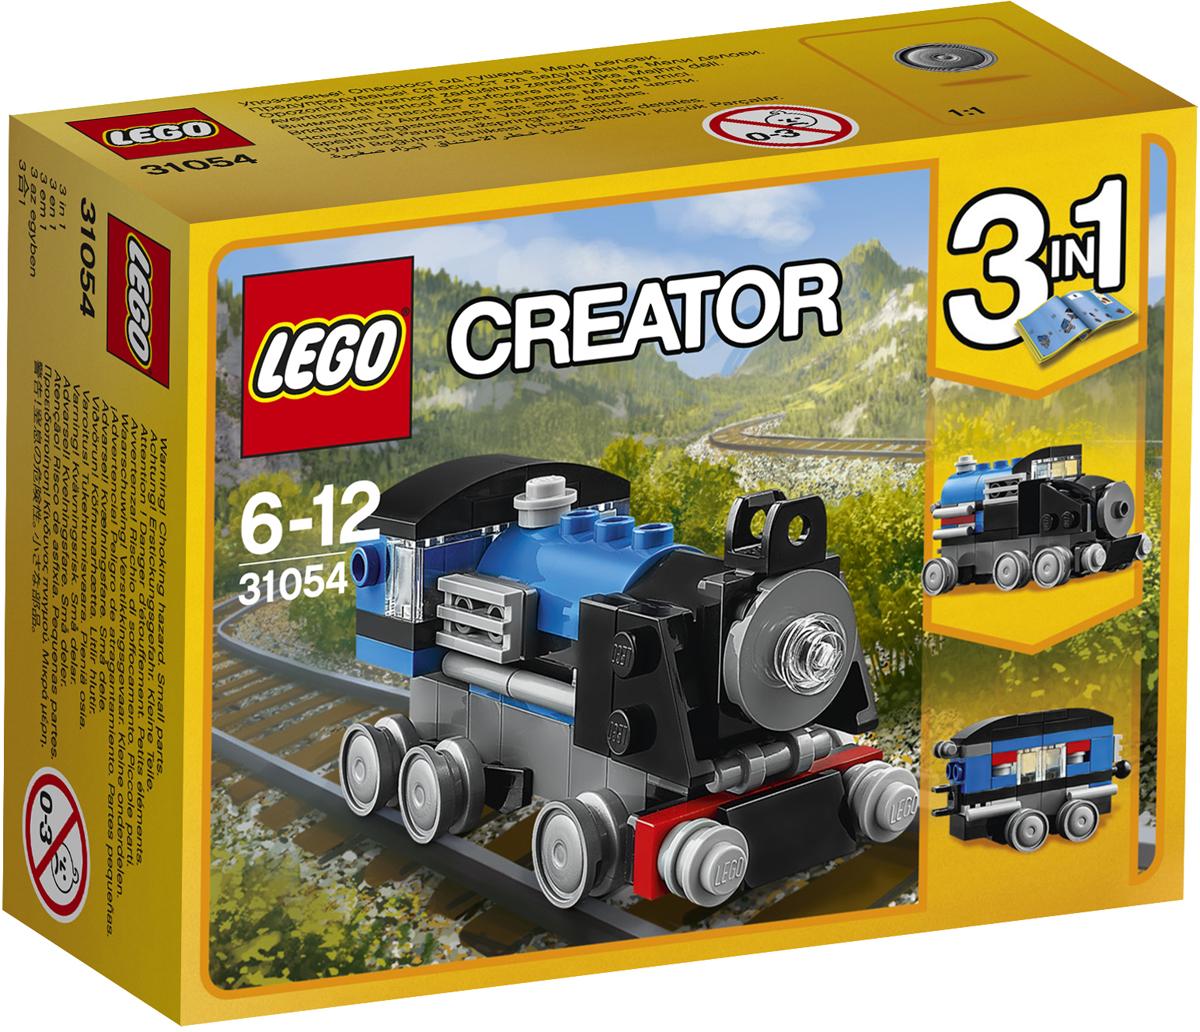 LEGO Creator Конструктор Голубой экспресс 3105431054Прокатись на этом чудесном классическом локомотиве, выкрашенном в синий, чёрный и серый цвета, с шестью колёсами, двумя буферами, передними фарами. А если тебе захочется получить новую модель, замени передний, средний и задний модули и трансформируй локомотив в Голубой экспресс или преврати его в Пассажирский вагон или Скорый поезд!